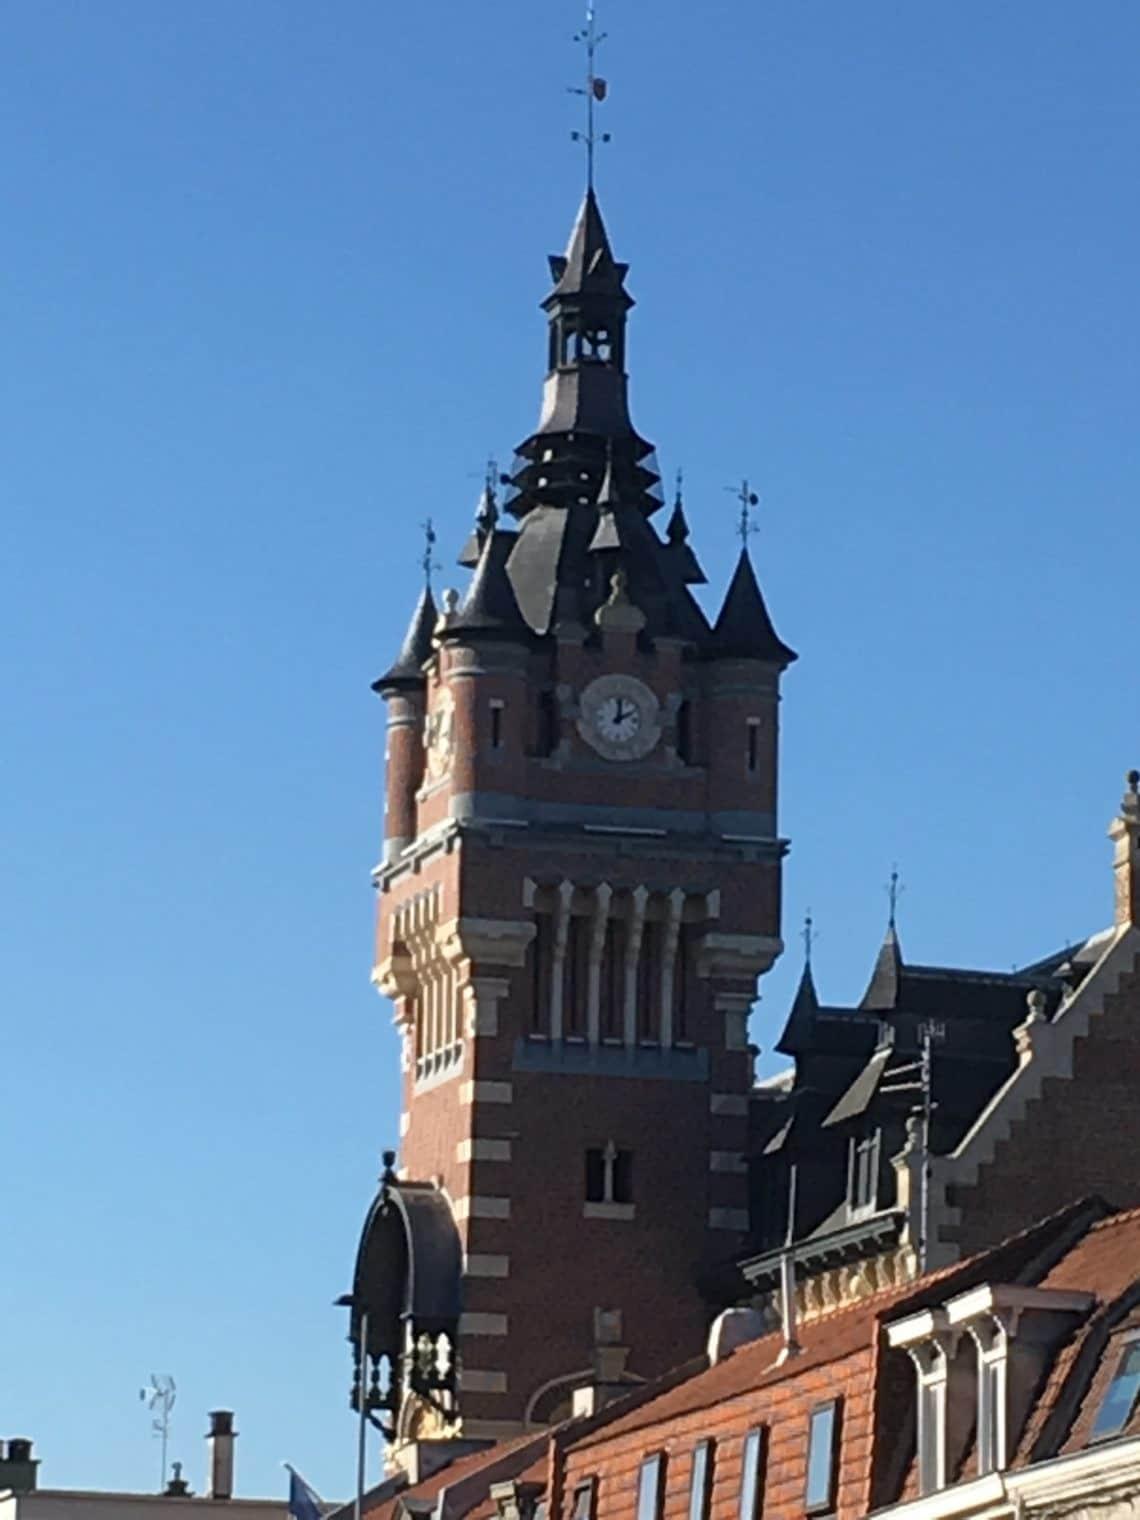 Urbel-enduit-facade-Lille-7-min-1140x1520.jpg